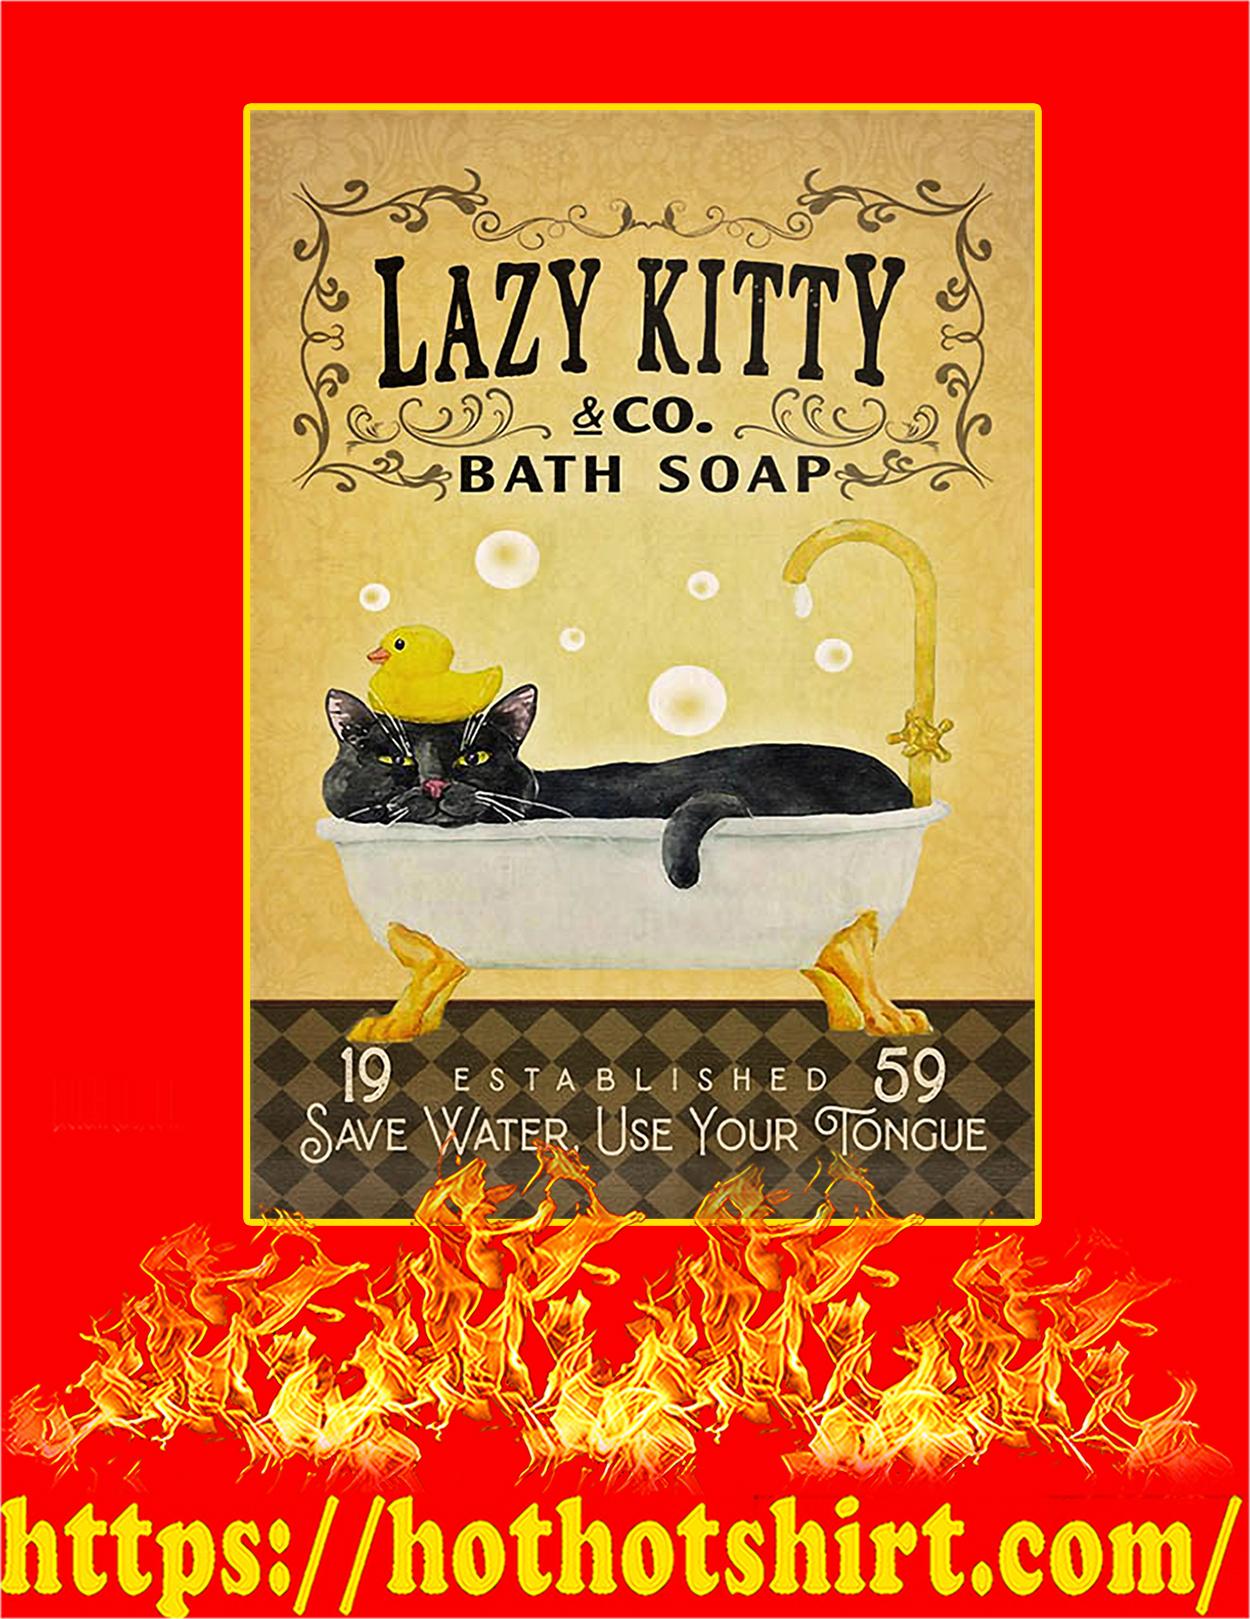 Bath soap company lazy kitty poster - A2